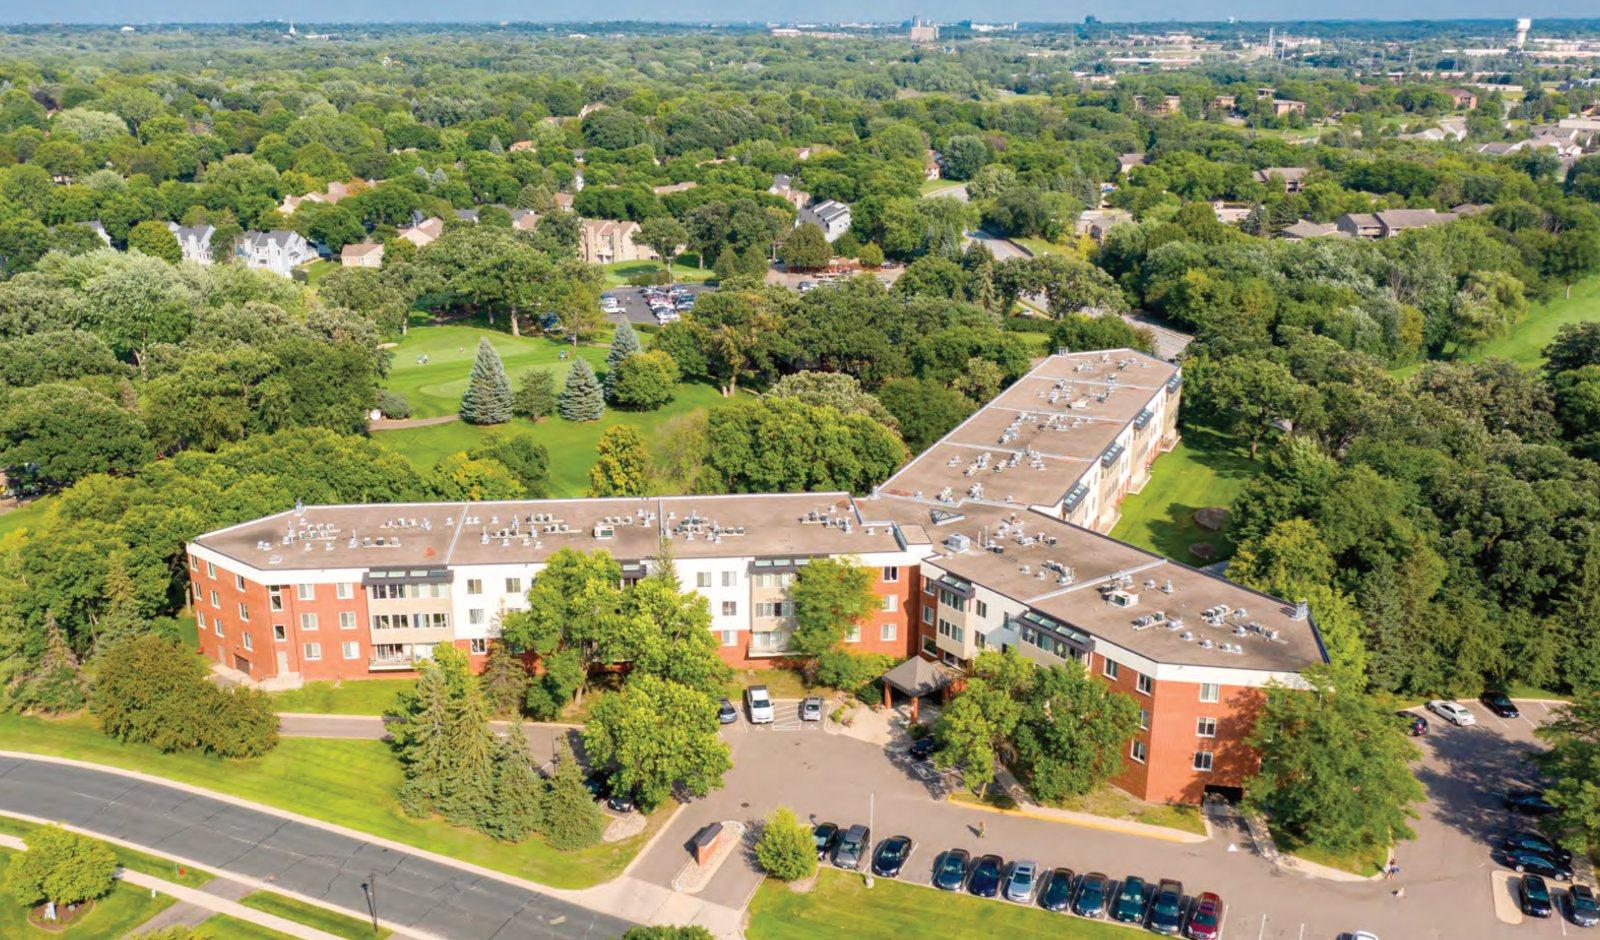 Quail Ridge Building Aerial Photo